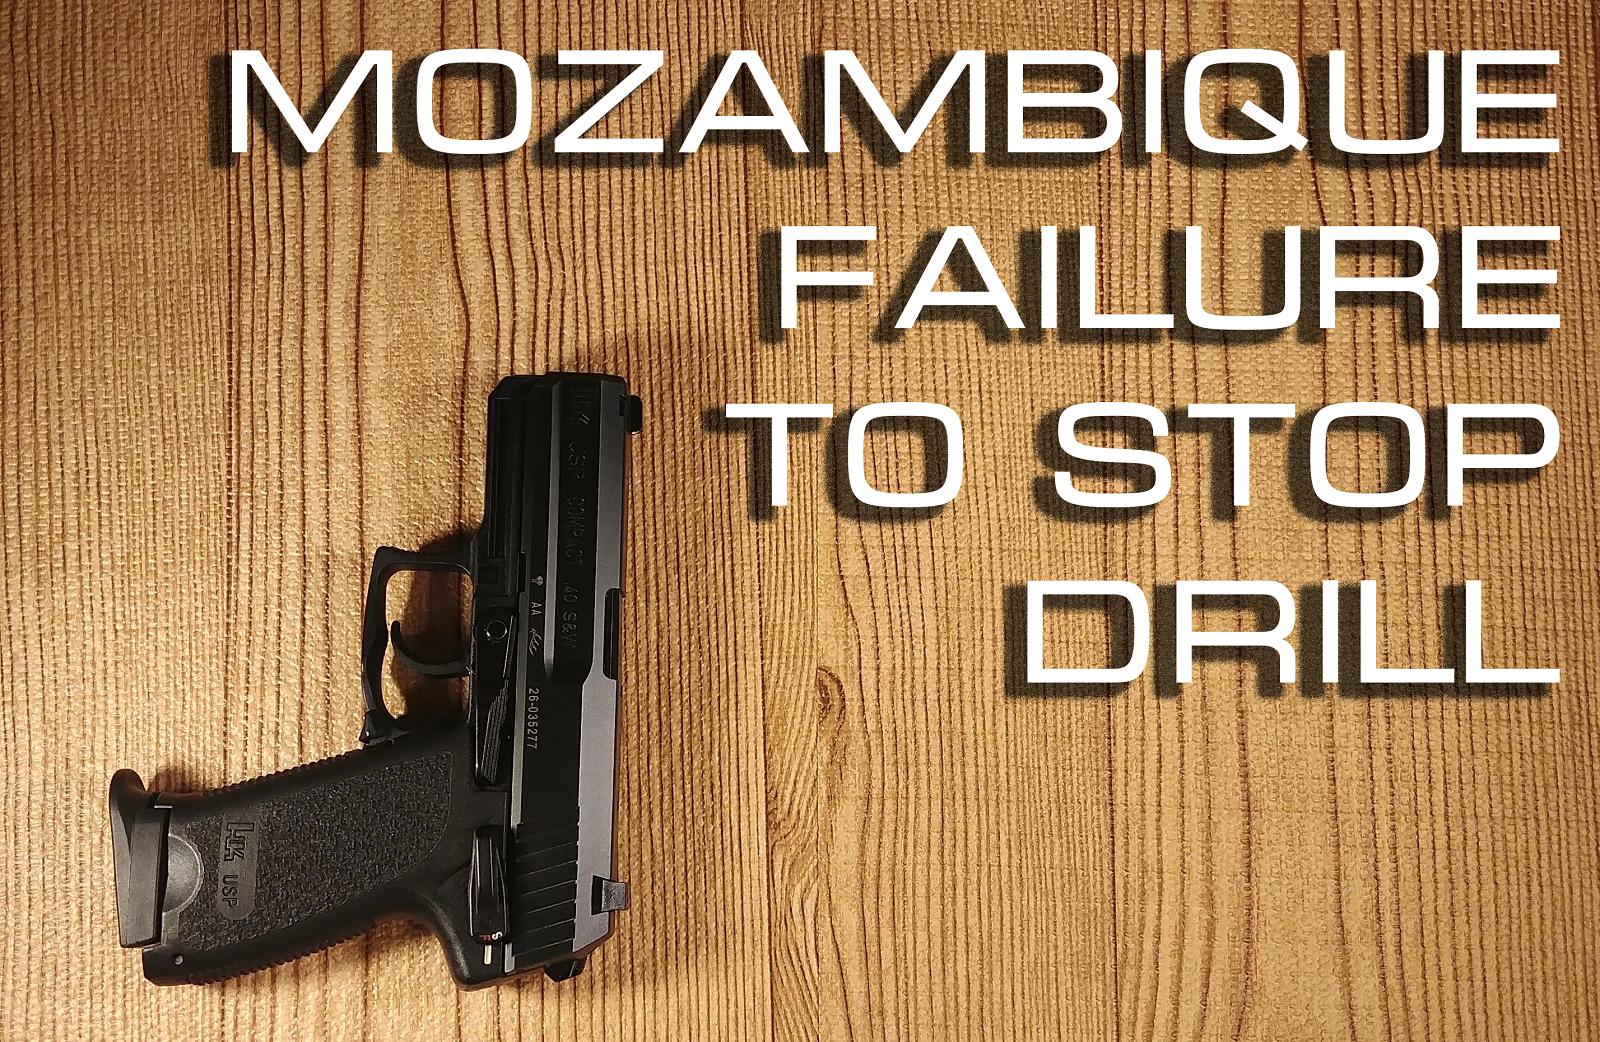 Mozambique Title Image